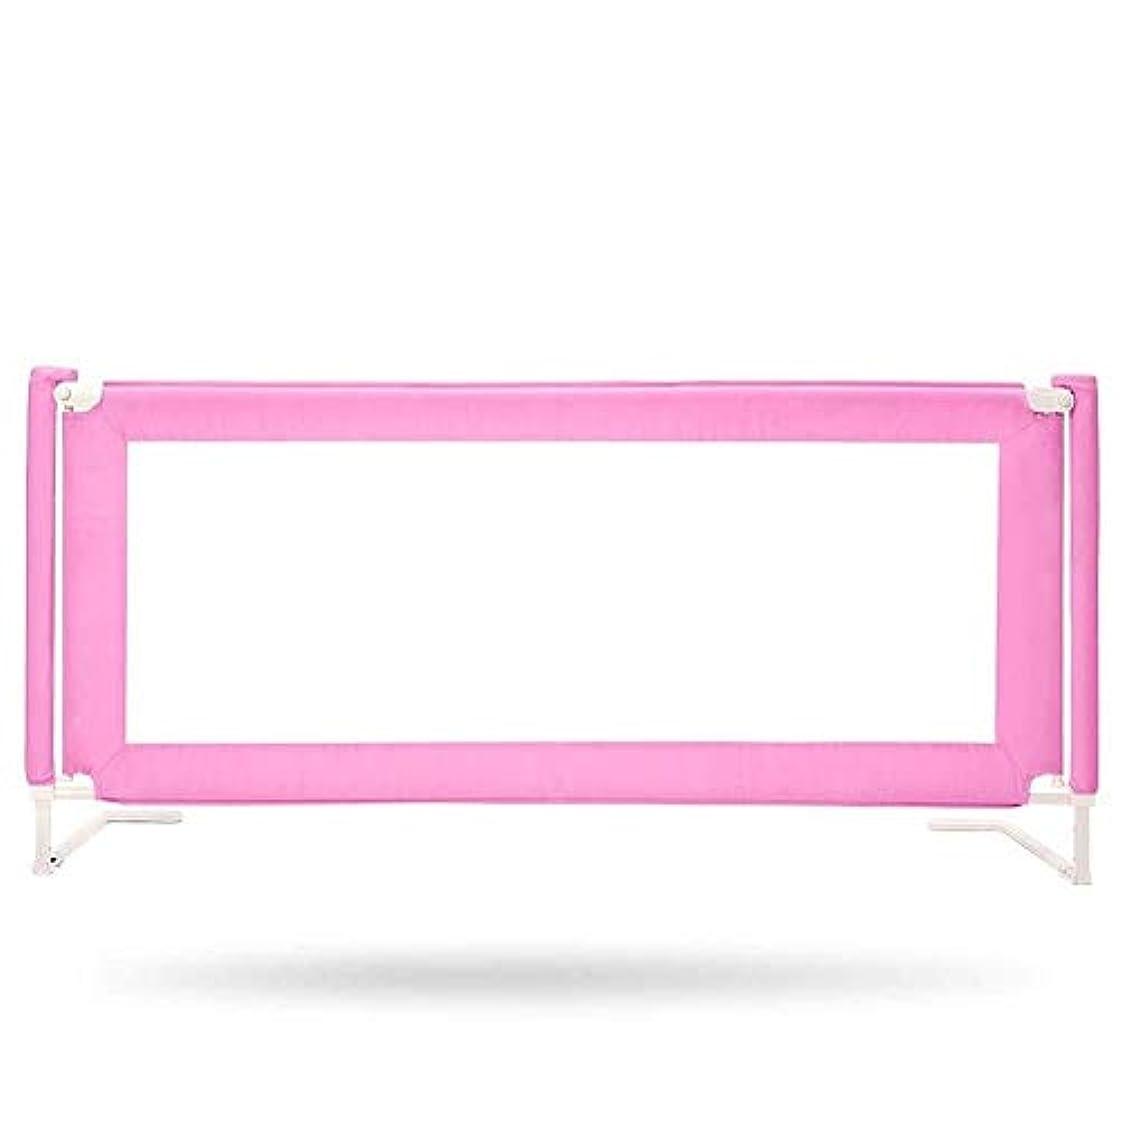 アミューズメント離す出発GDNA ベッドガードレールポータブルと折り畳み式ベッドレールベビーベッドレールサイドガード安全保護ガード (Color : Pink, Size : 180cm)